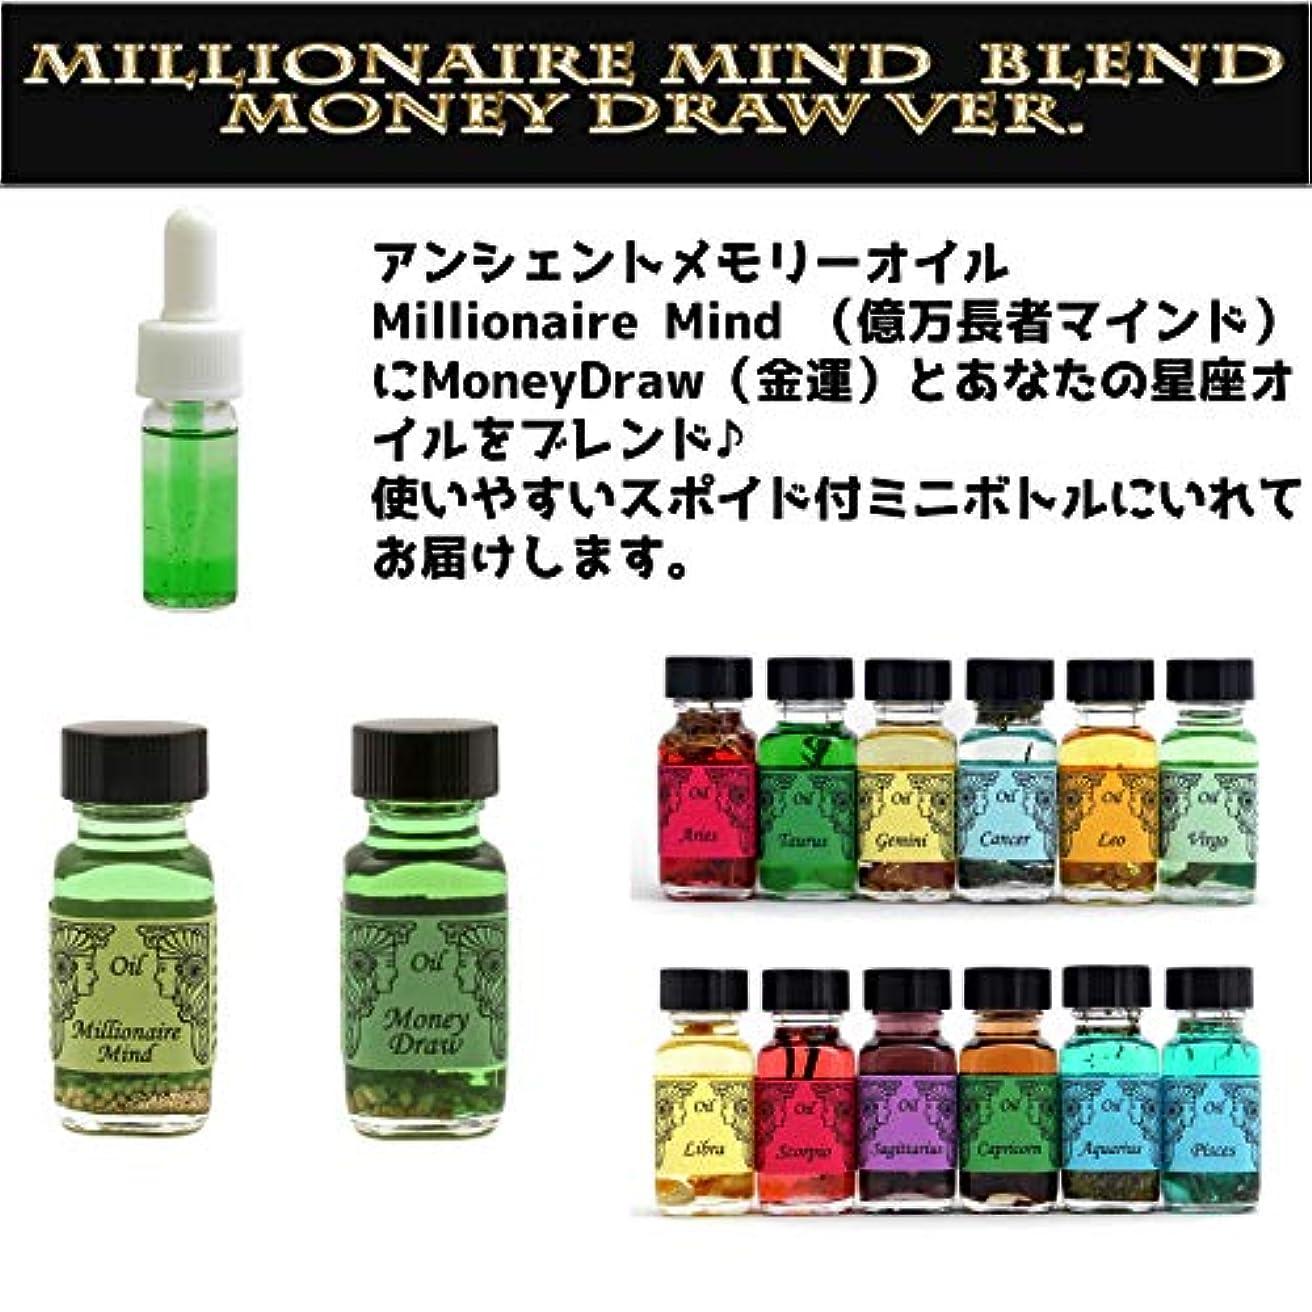 ポール火山学ファーザーファージュアンシェントメモリーオイル Millionaire Mind 億万長者マインド ブレンド(Money Drawマネードロー(金運)&みずがめ座